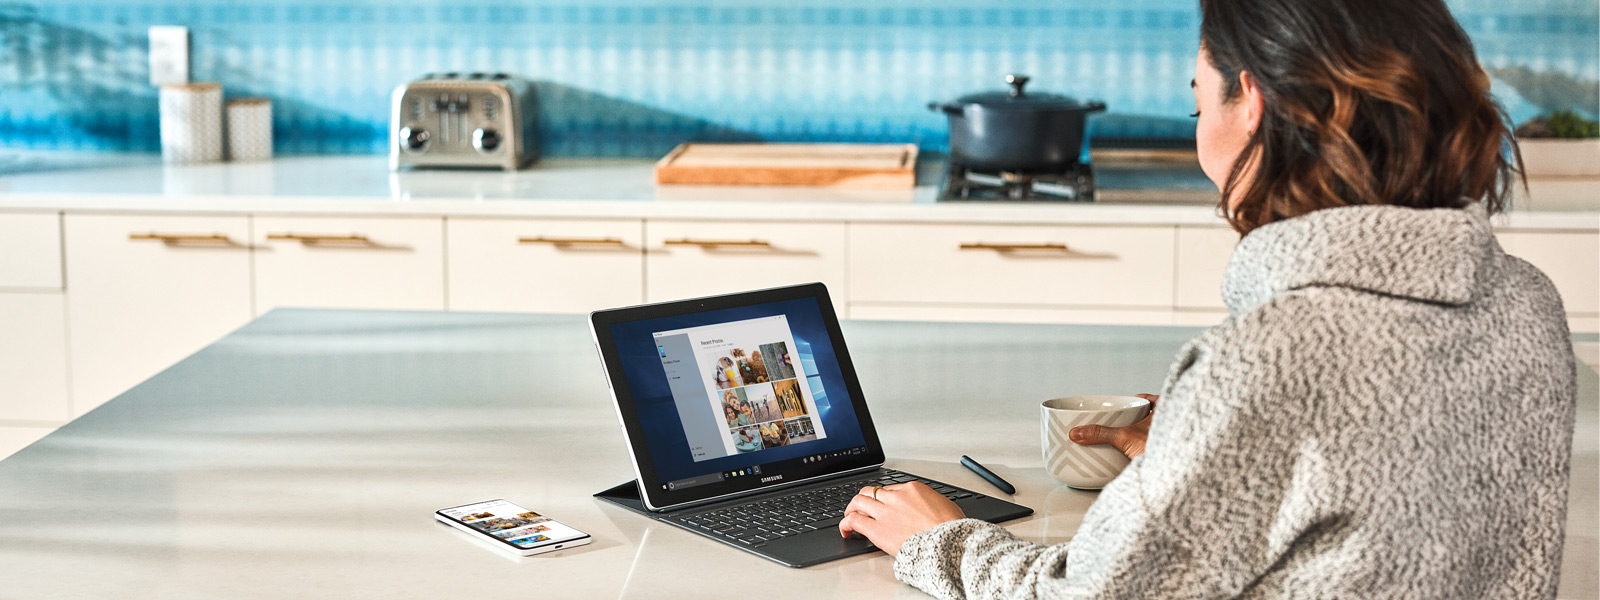 Femme assise à un comptoir dans une cuisine et qui utilise un ordinateur portable Windows 10 avec son téléphone portable